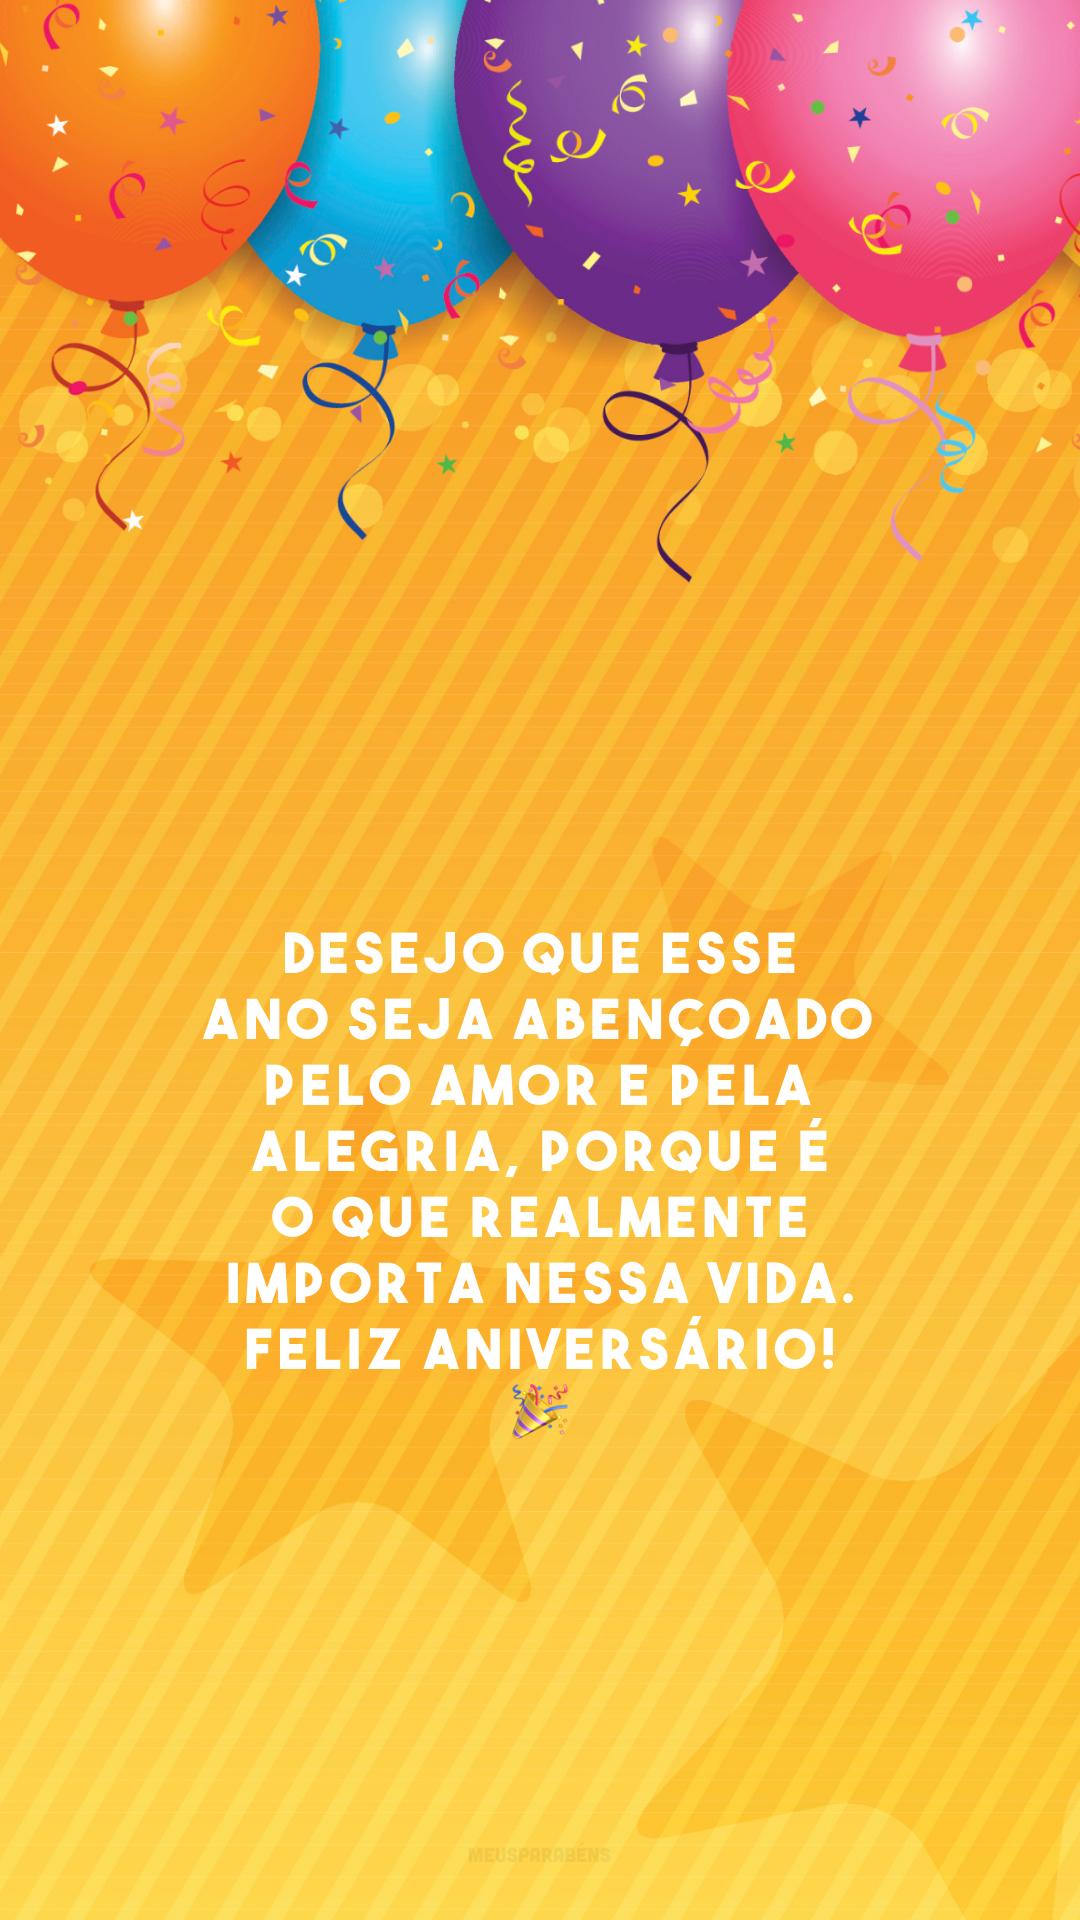 Desejo que esse ano seja abençoado pelo amor e pela alegria, porque é o que realmente importa nessa vida. Feliz aniversário! 🎉